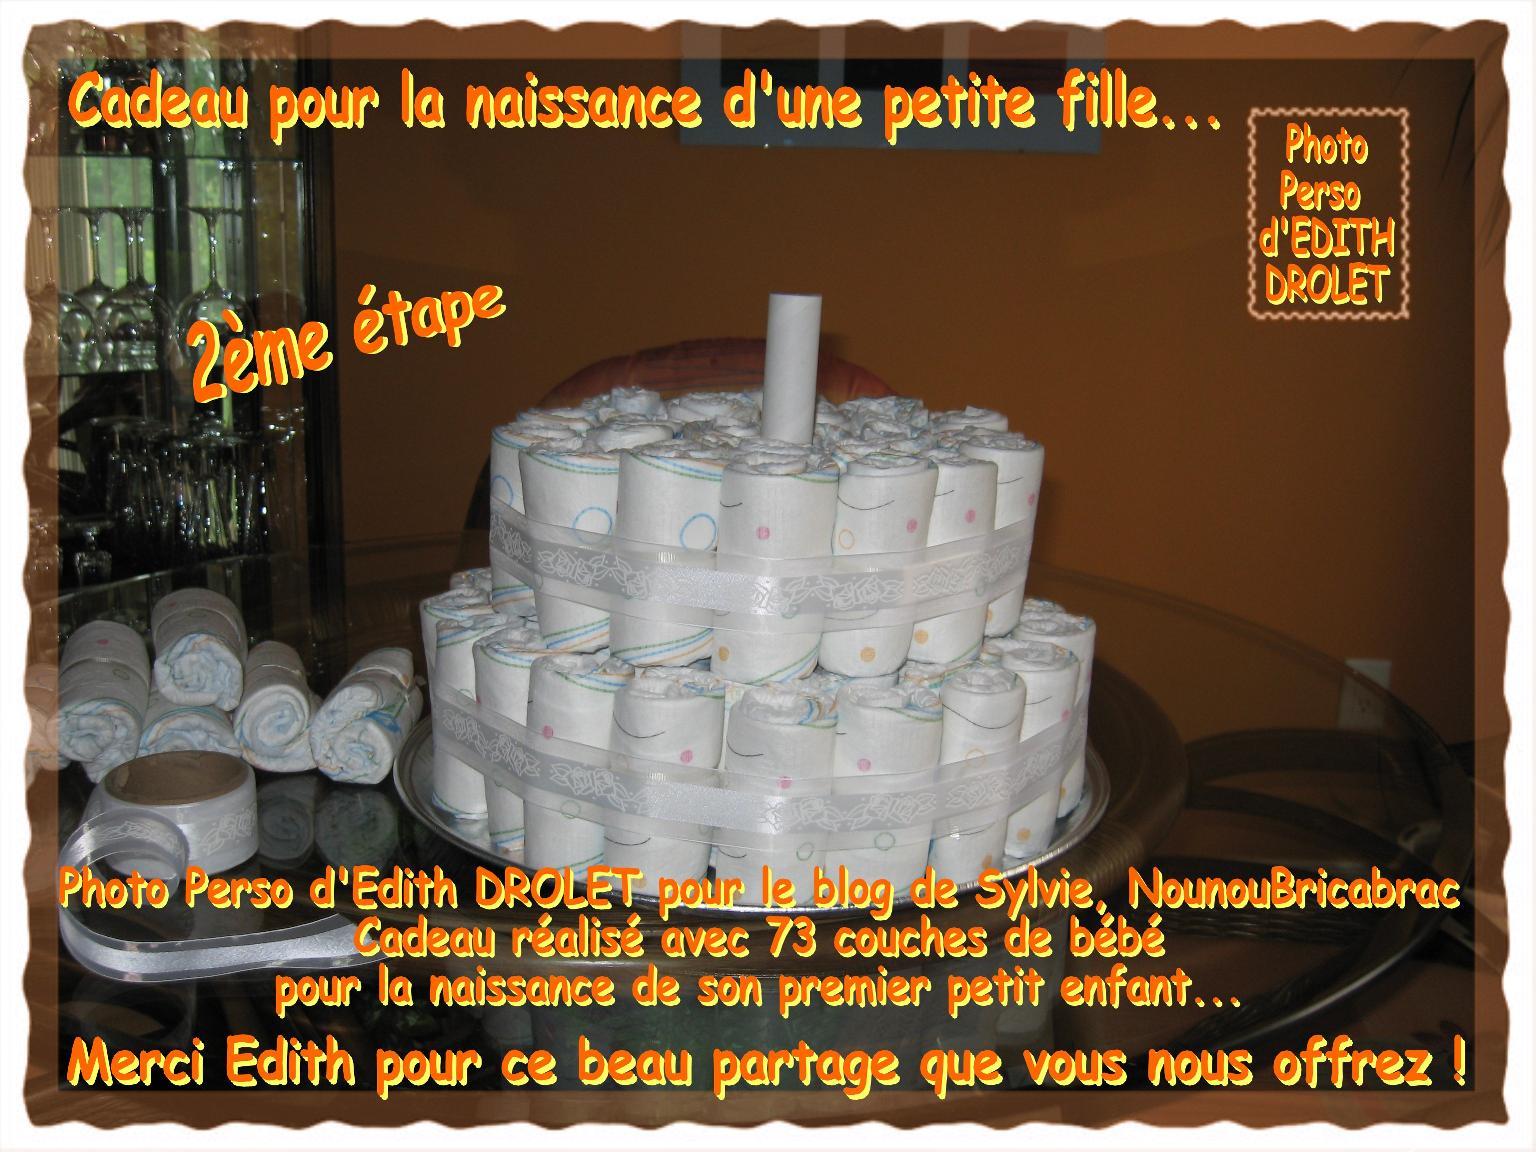 Gâteau - Cadeau pour la naissance d'une petite fille... 2ème étape, réalisé par Edith du Québec